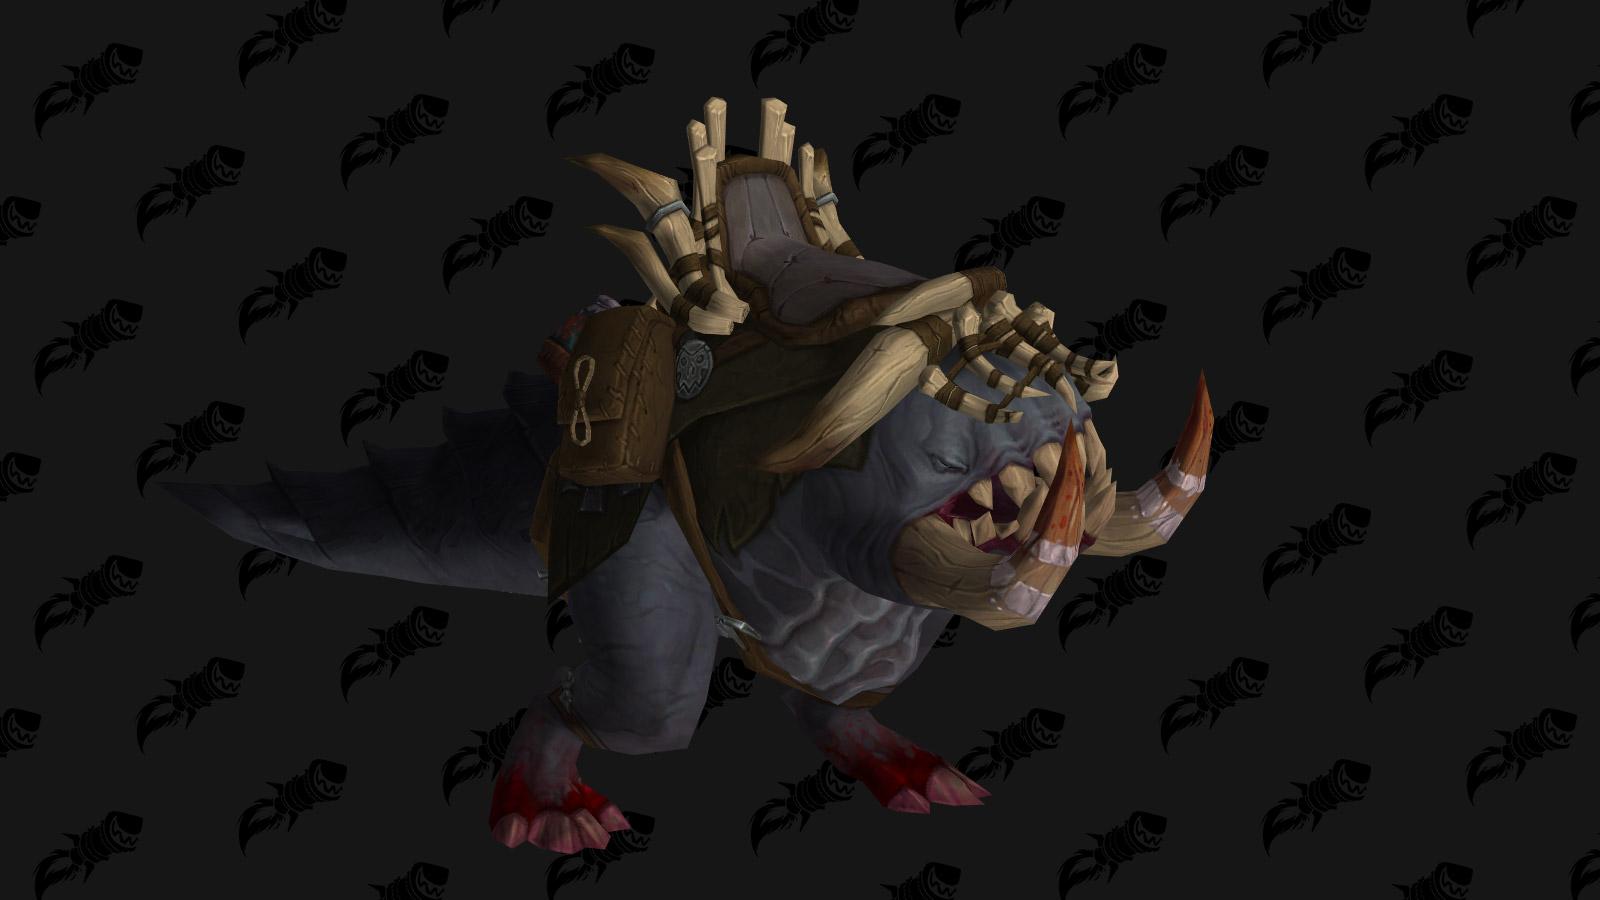 Le haut fait gloire à l'écumeur de raids d'Uldir permet d'obtenir le Crogg gorgé de sang